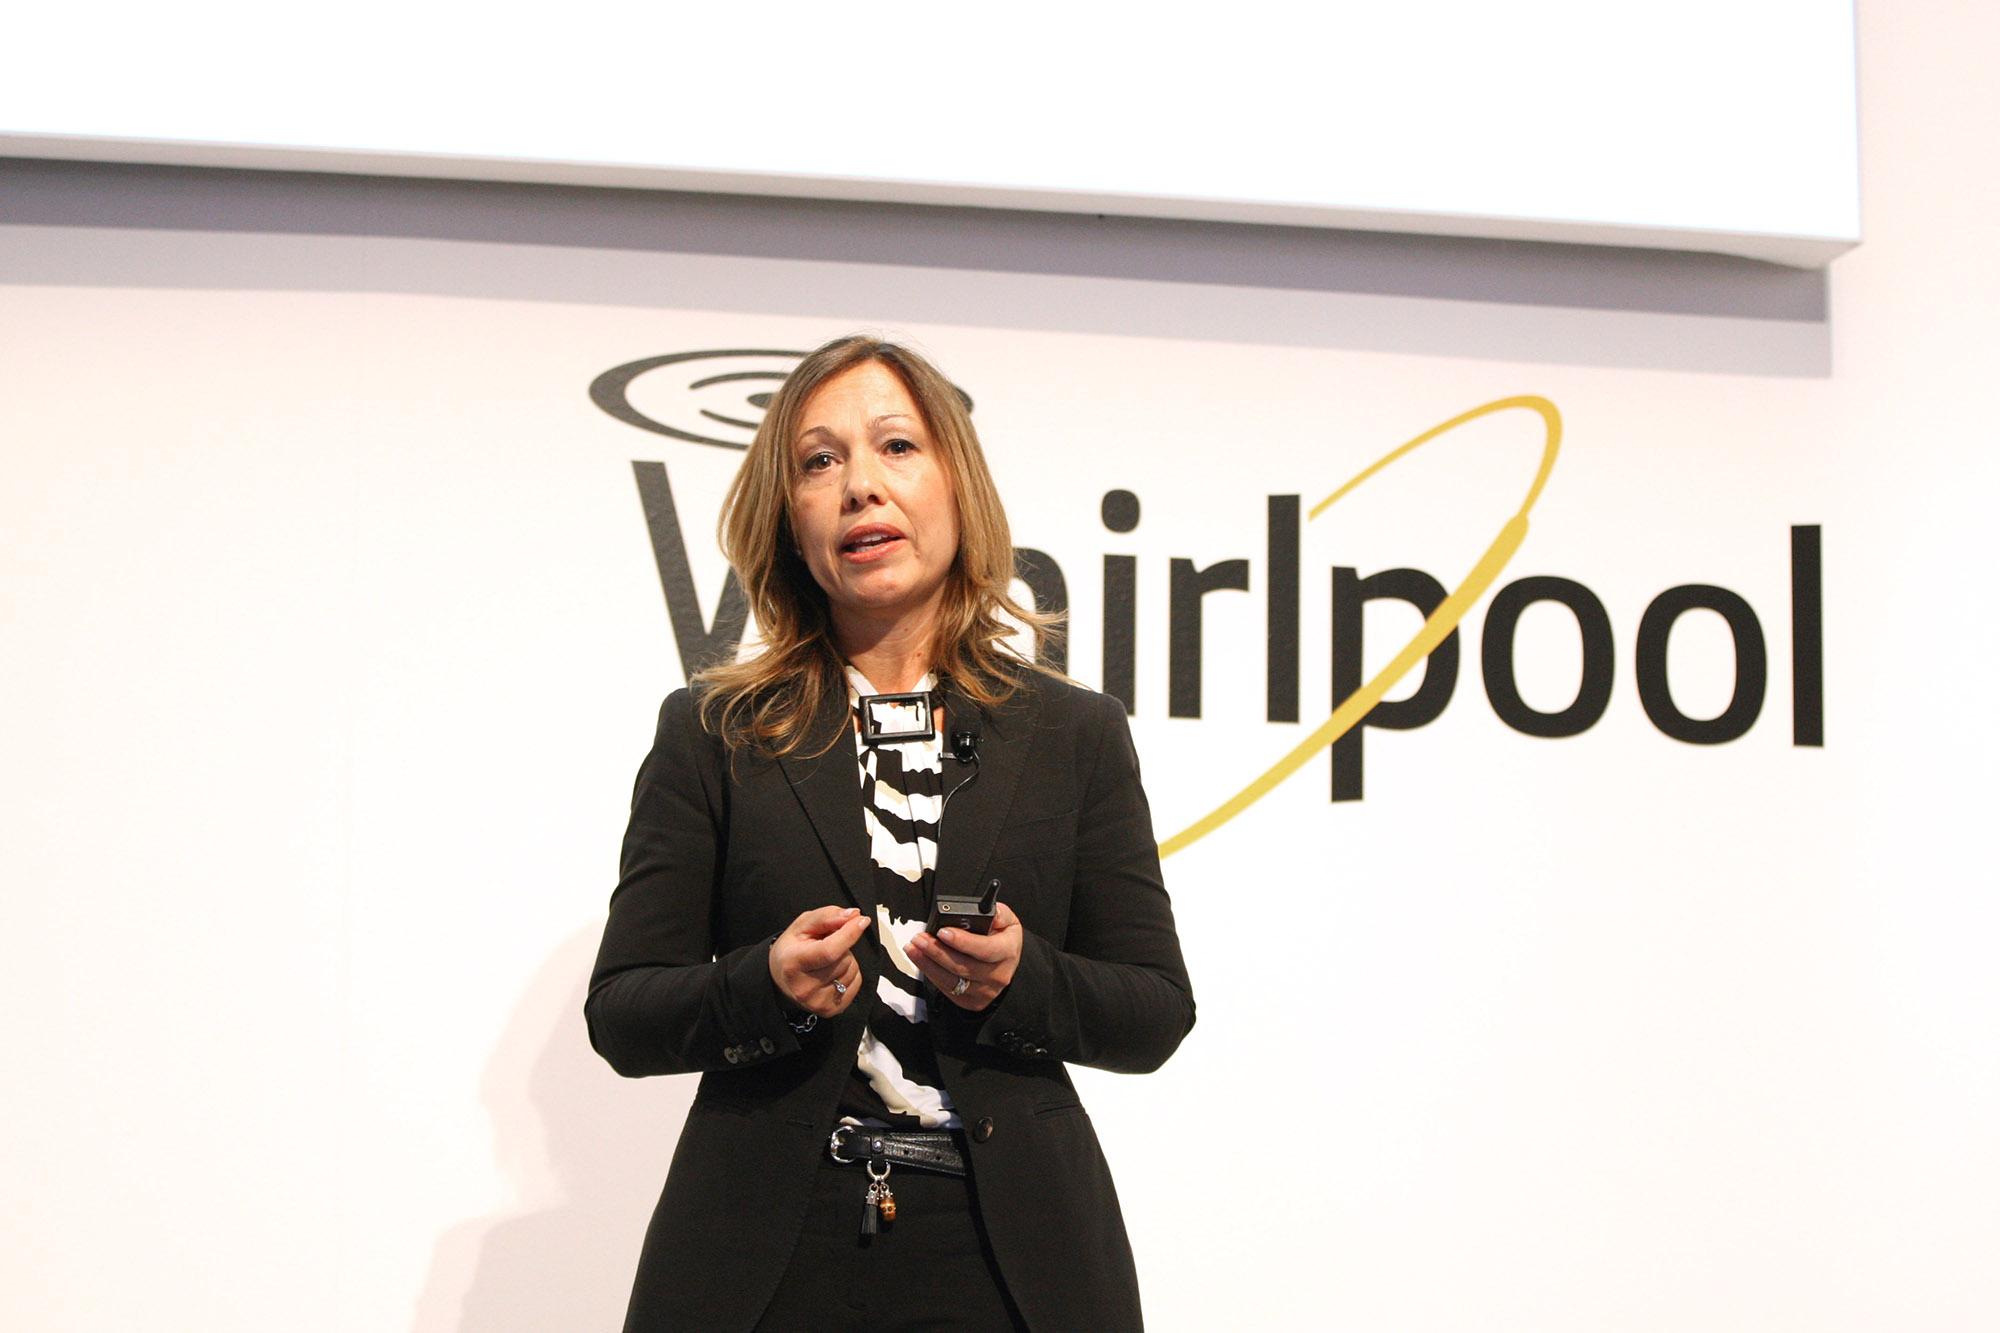 Esther Berrozpe Galindo, President Whirlpool EMEA, auf der Whirlpool-Pressekonferenz zur IFA.